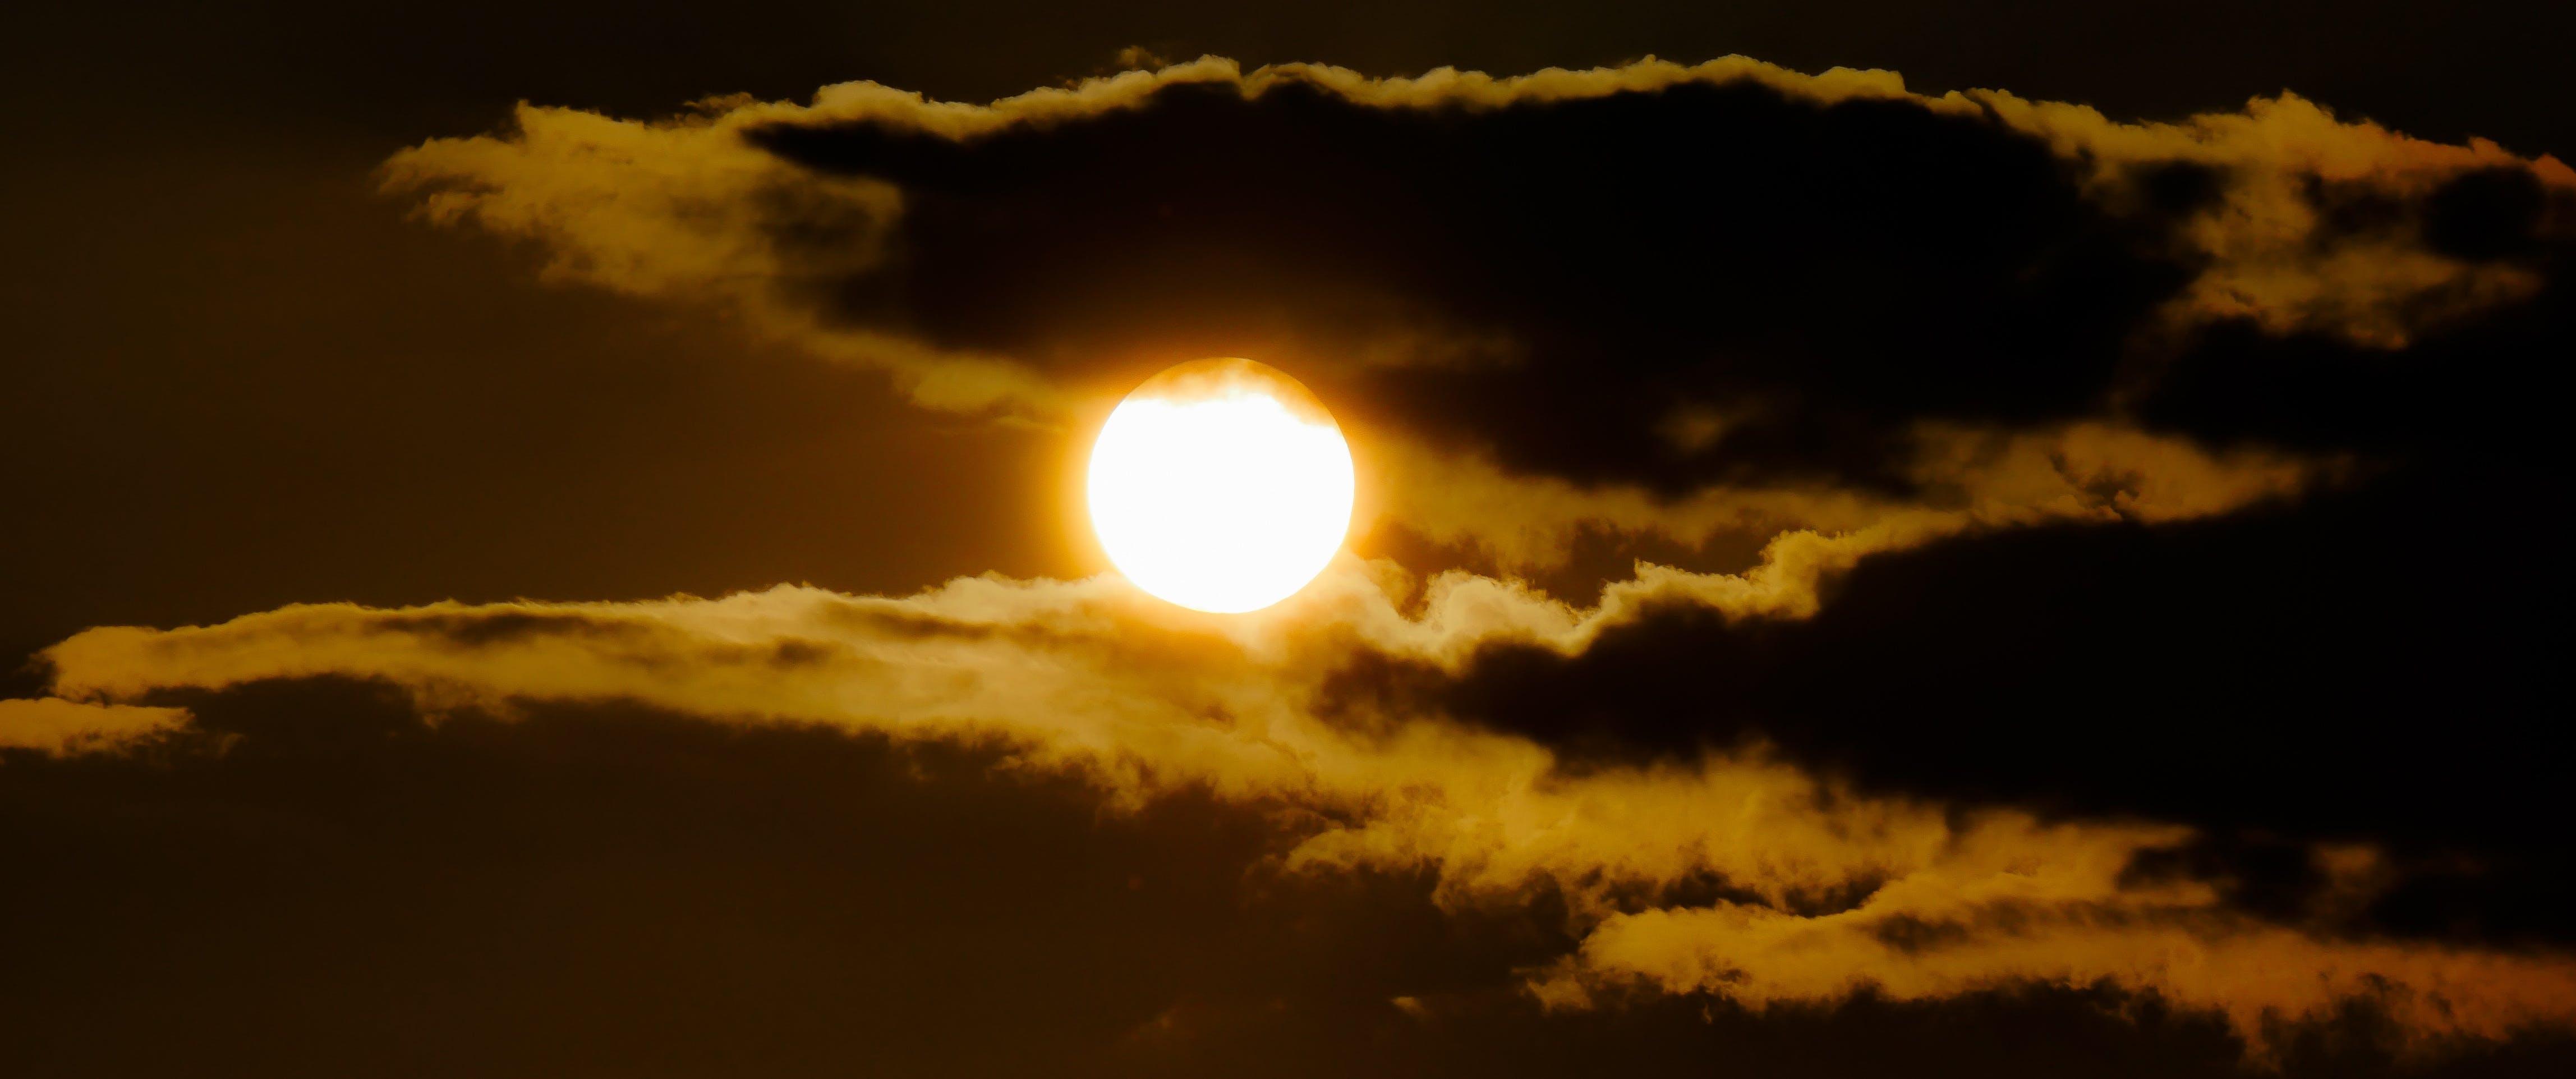 Kostenloses Stock Foto zu licht, dämmerung, himmel, wolken